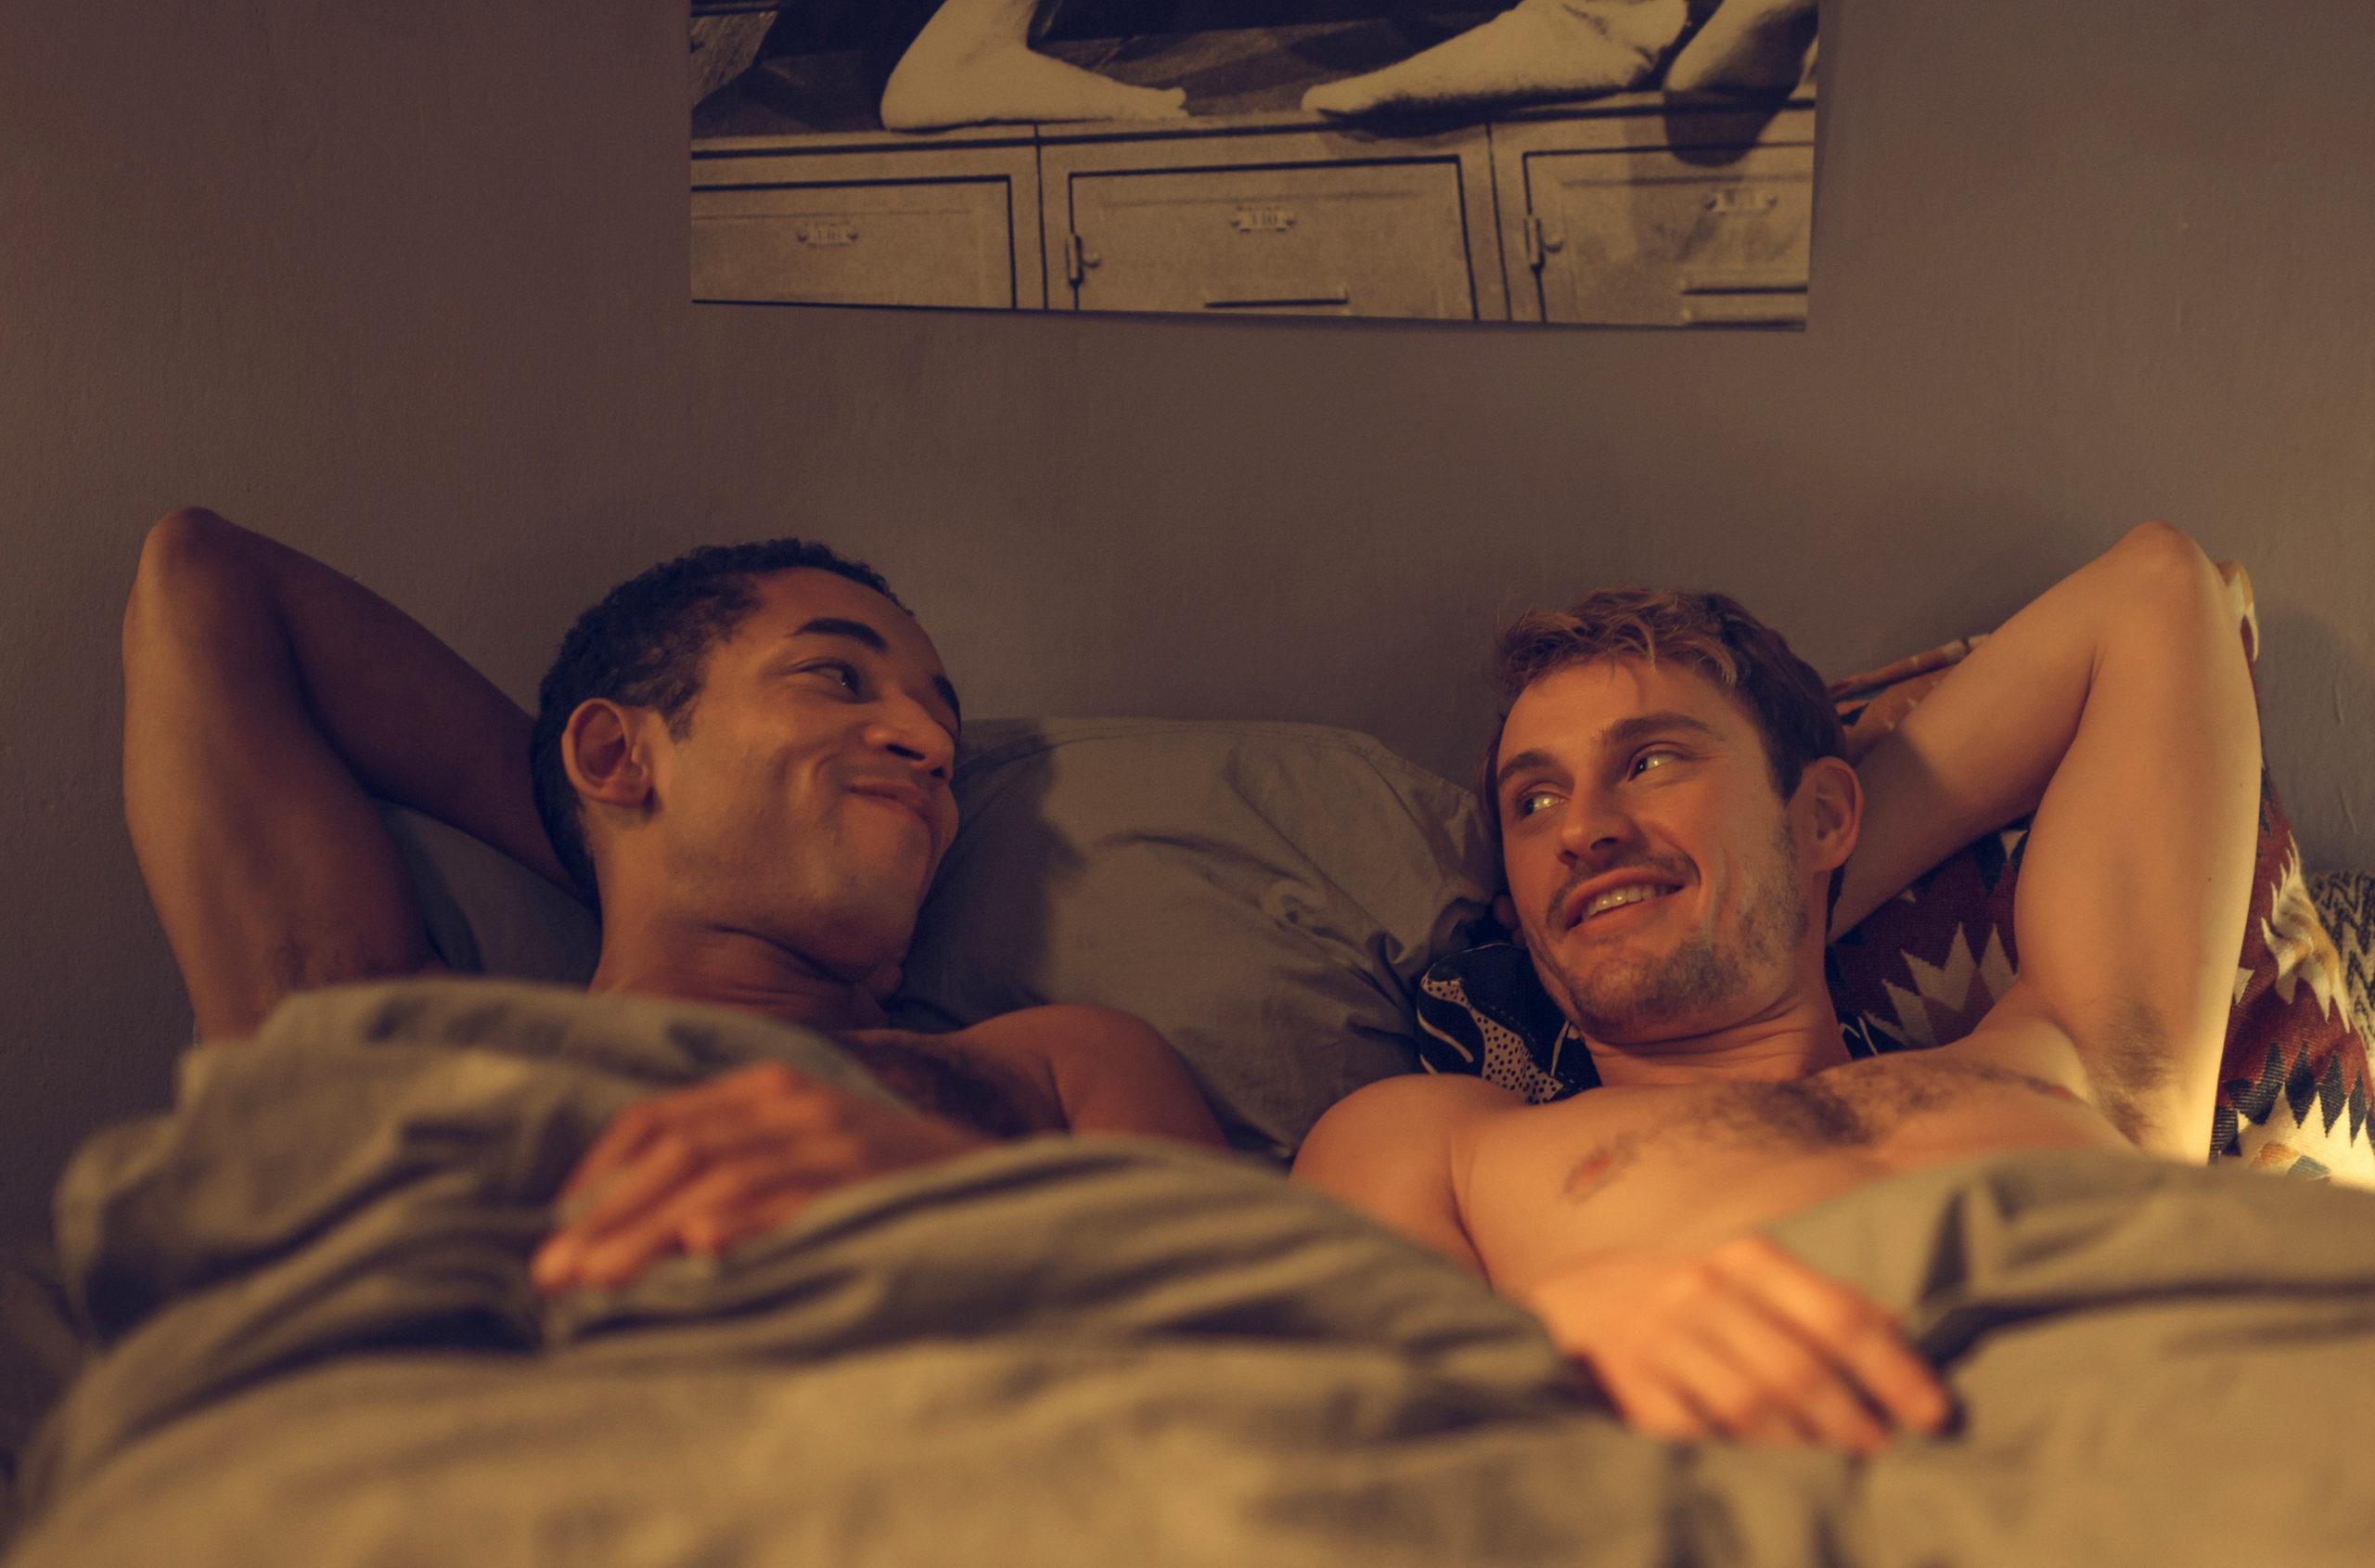 """Endlich keine Quoten-Queers mehr: Vince (Benito Bause) und Robbie (Frédéric Brossier) in der queeren Serie """"All You Need"""". Foto: ARD Degeto/Andrea Hansen"""